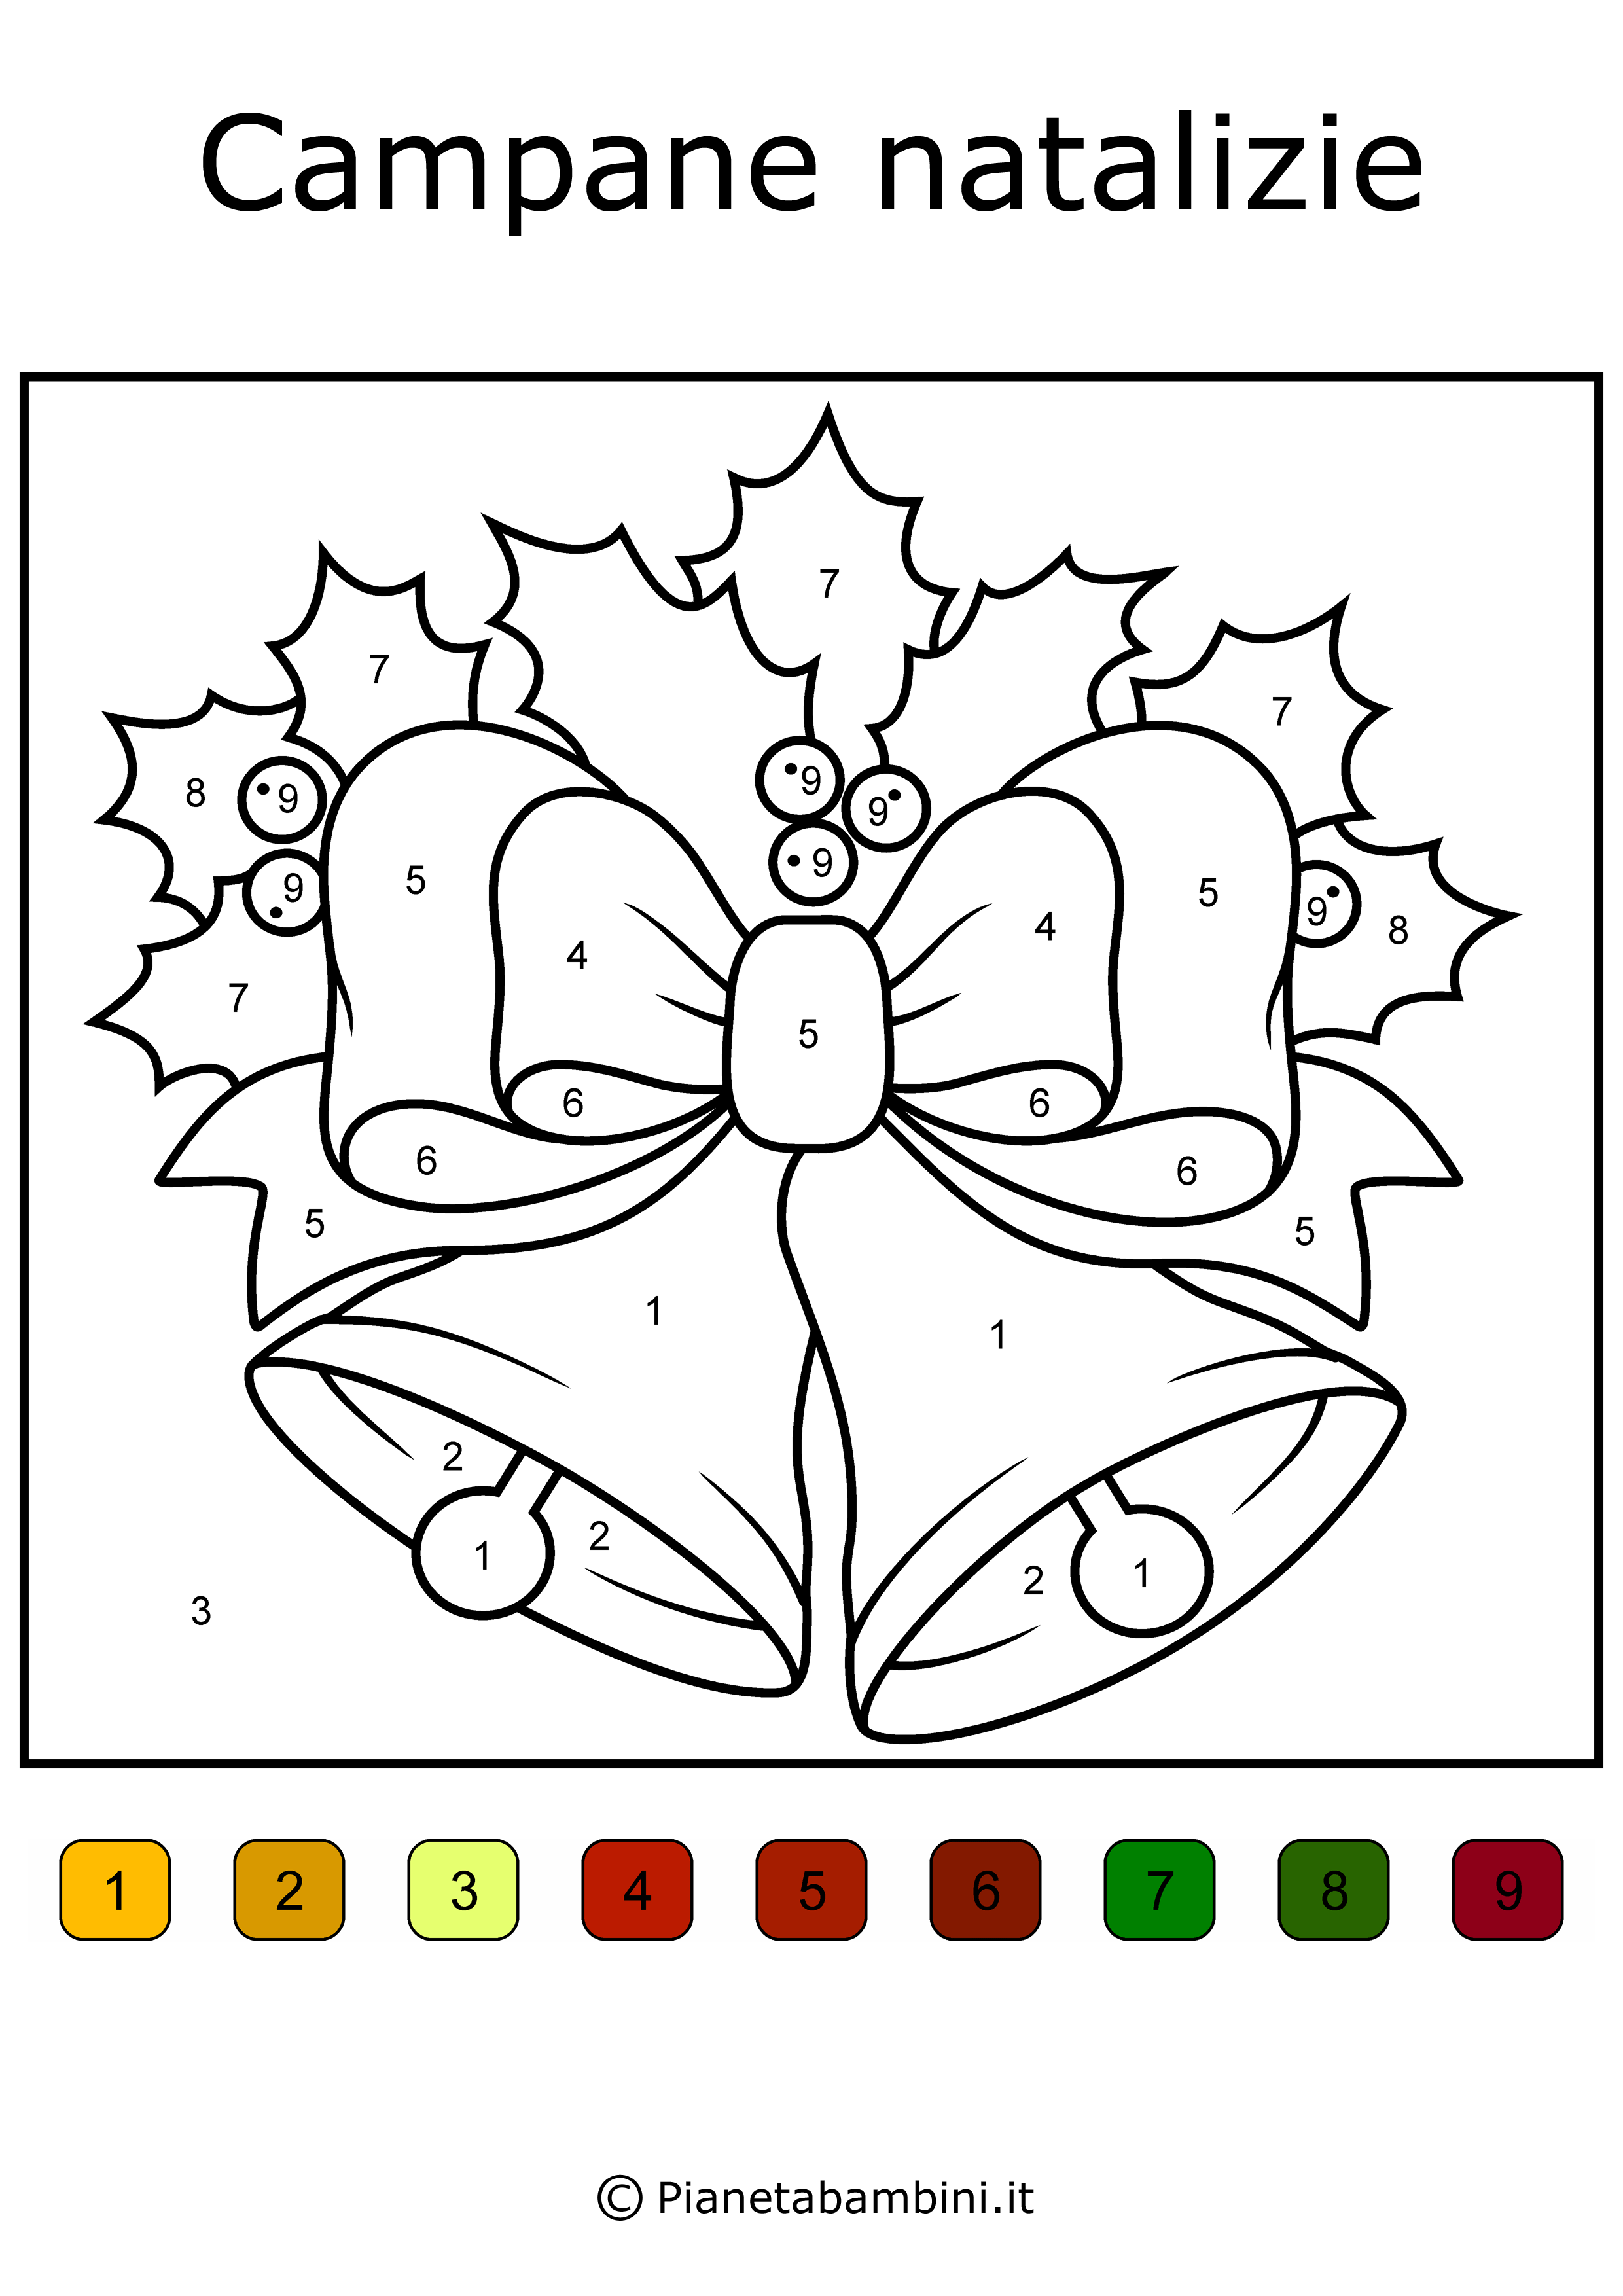 Conta-e-Colora-Semplice-Campane-Natalizie